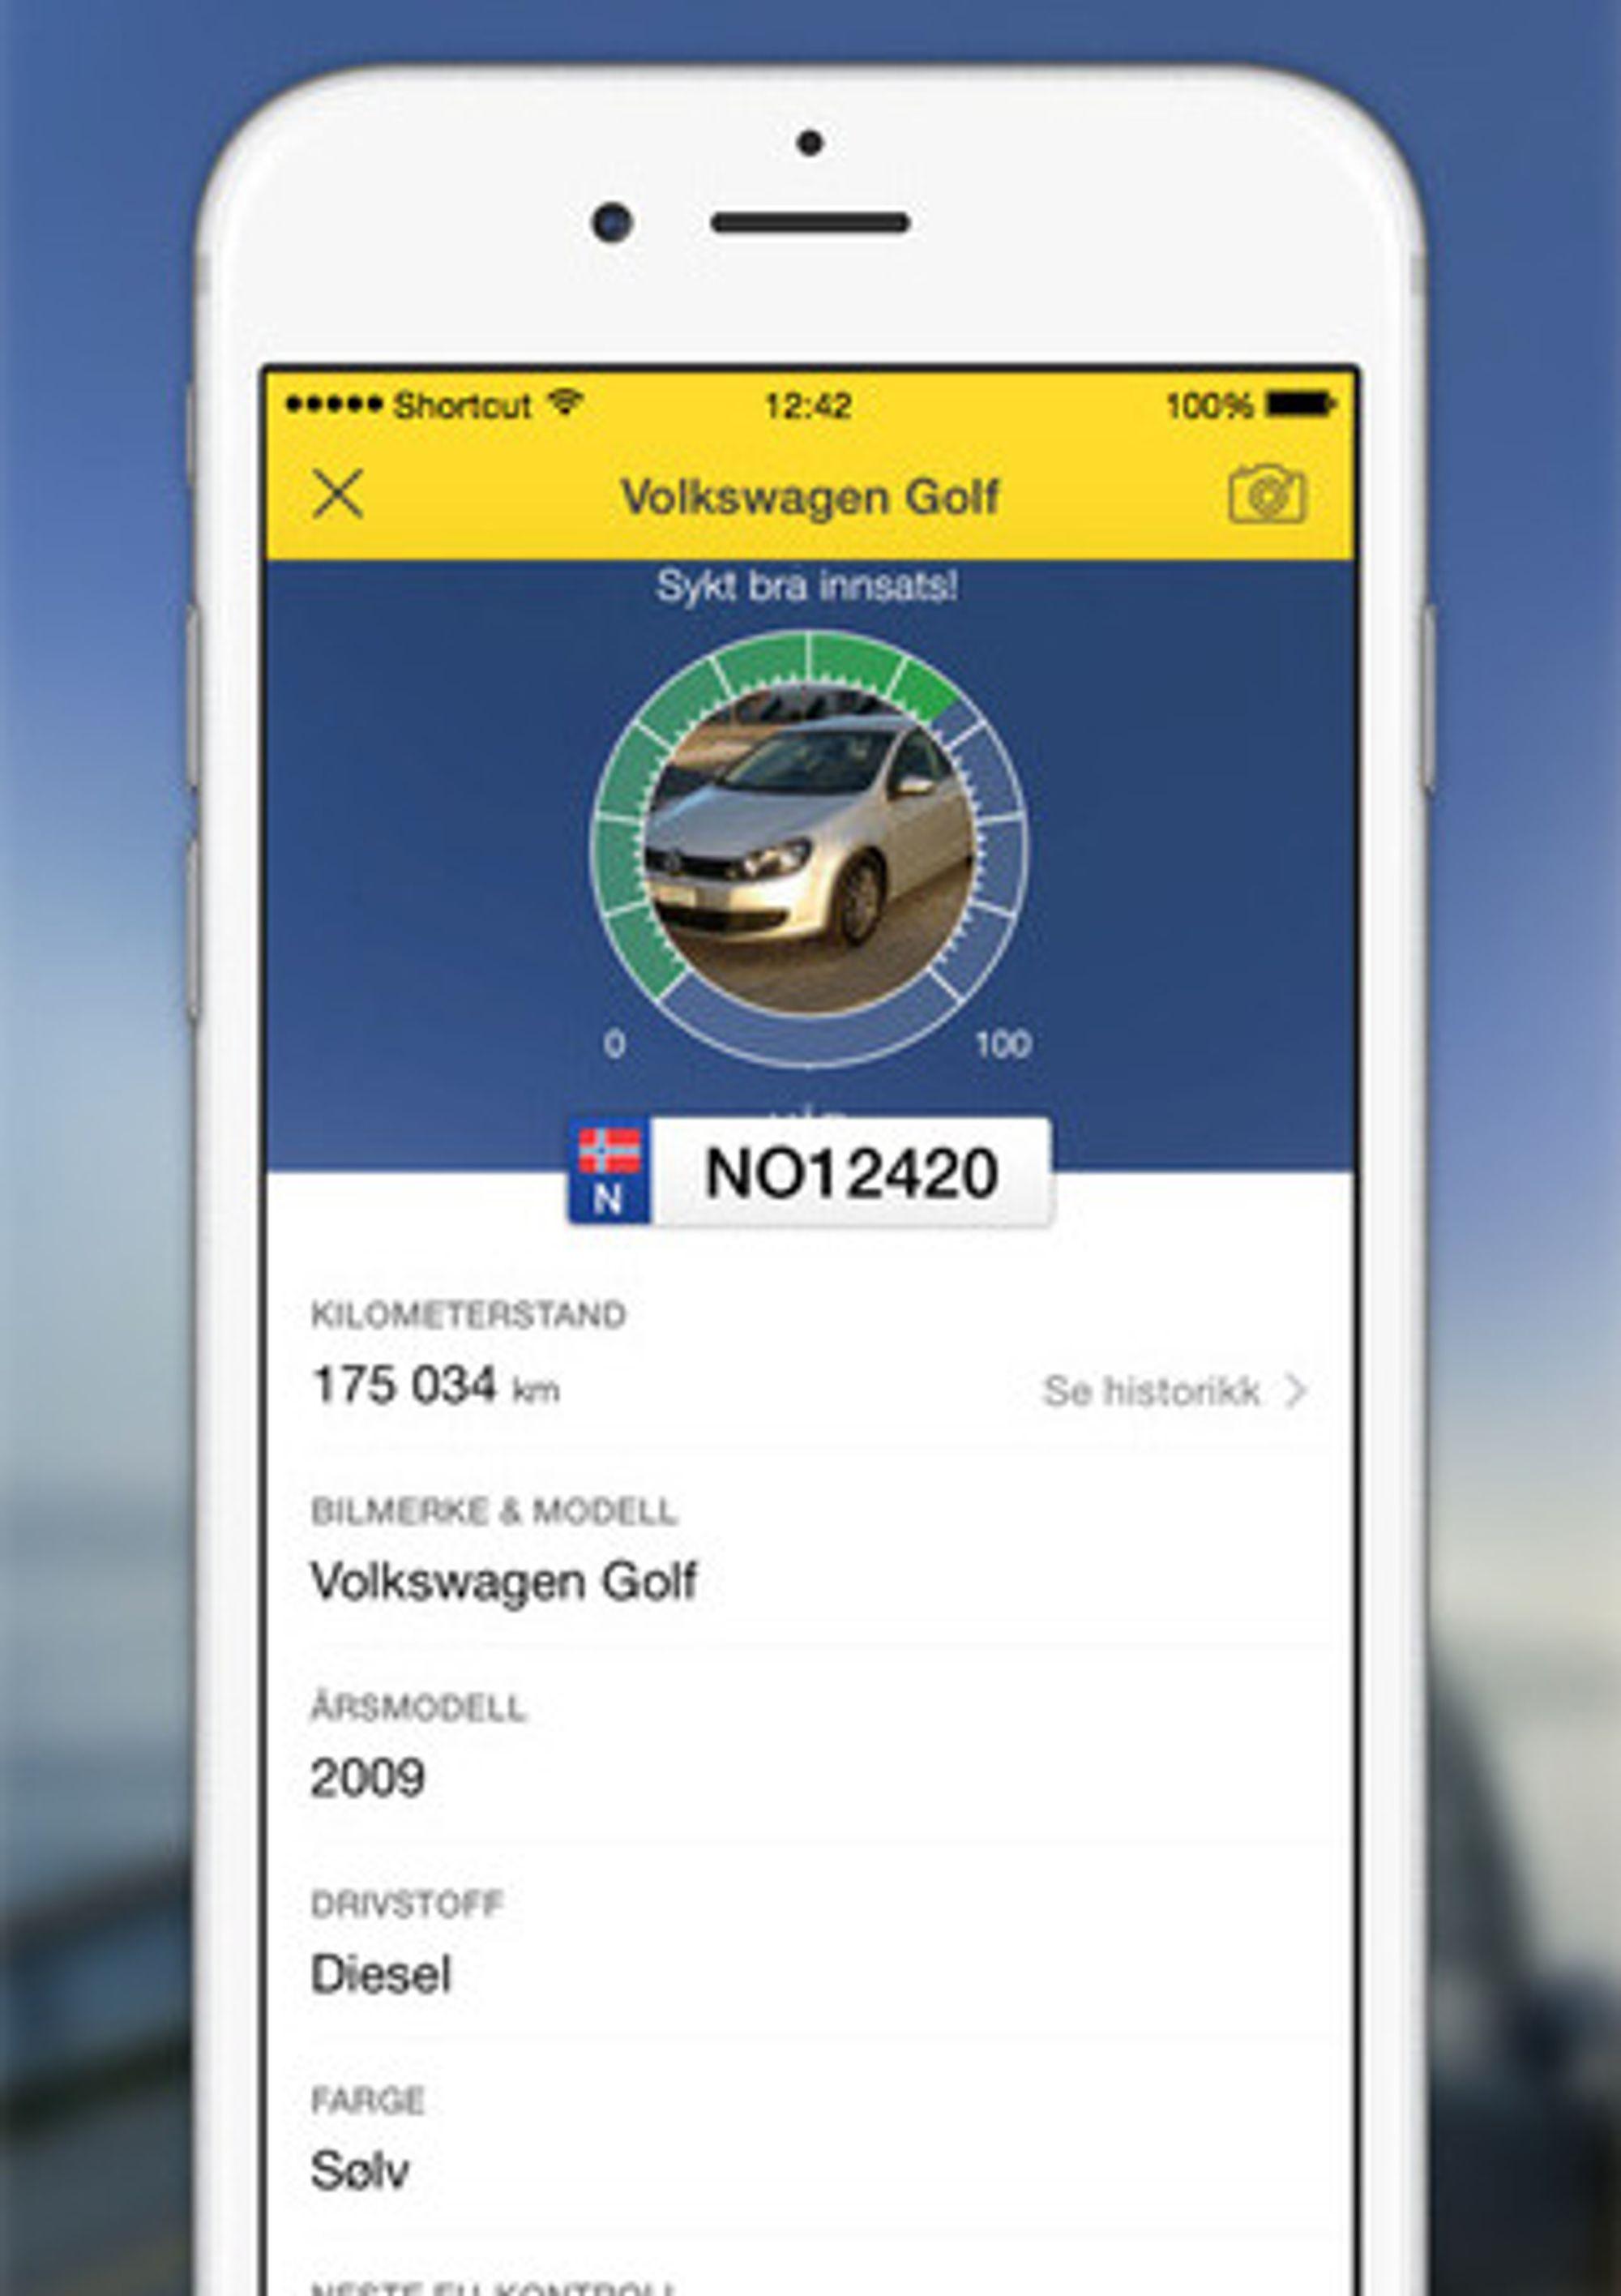 Naf bensin app